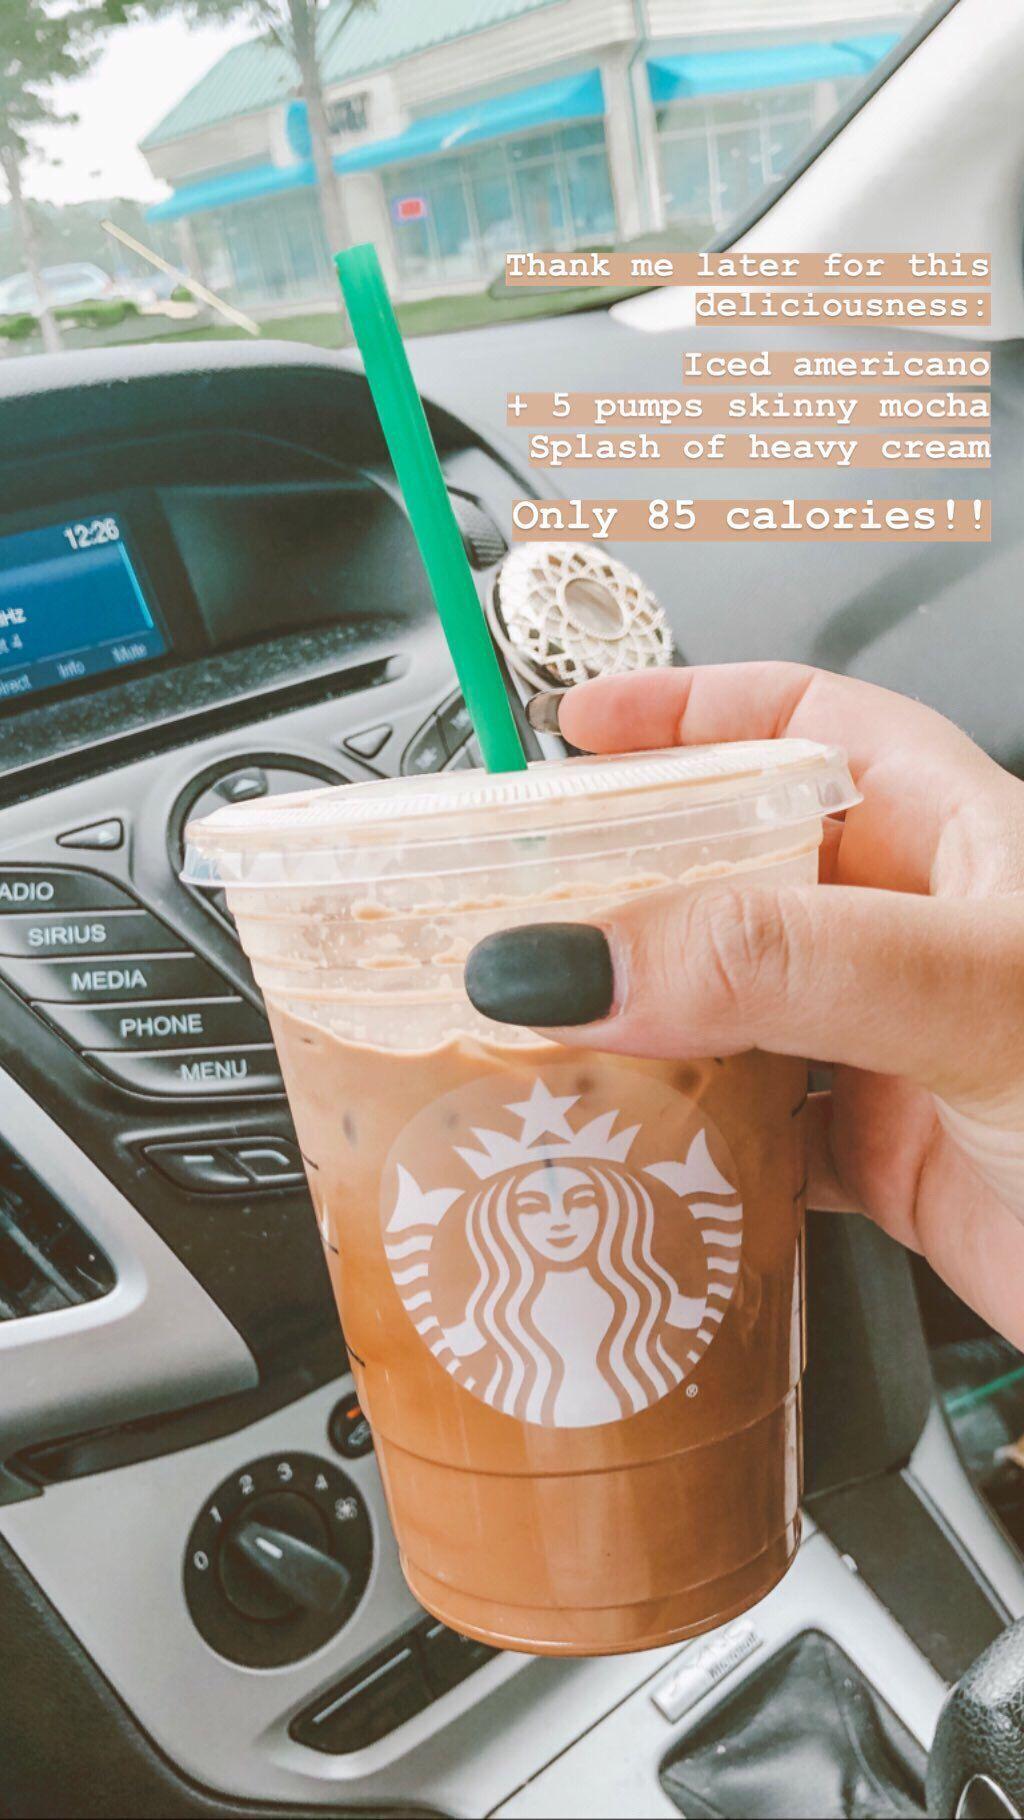 Guilt Free Starbucks Healthystarbucksdrinks Delicious And Guilt Free Starbucks Order Iced Starbucks Drinks Starbucks Coffee Drinks Starbucks Drinks Recipes